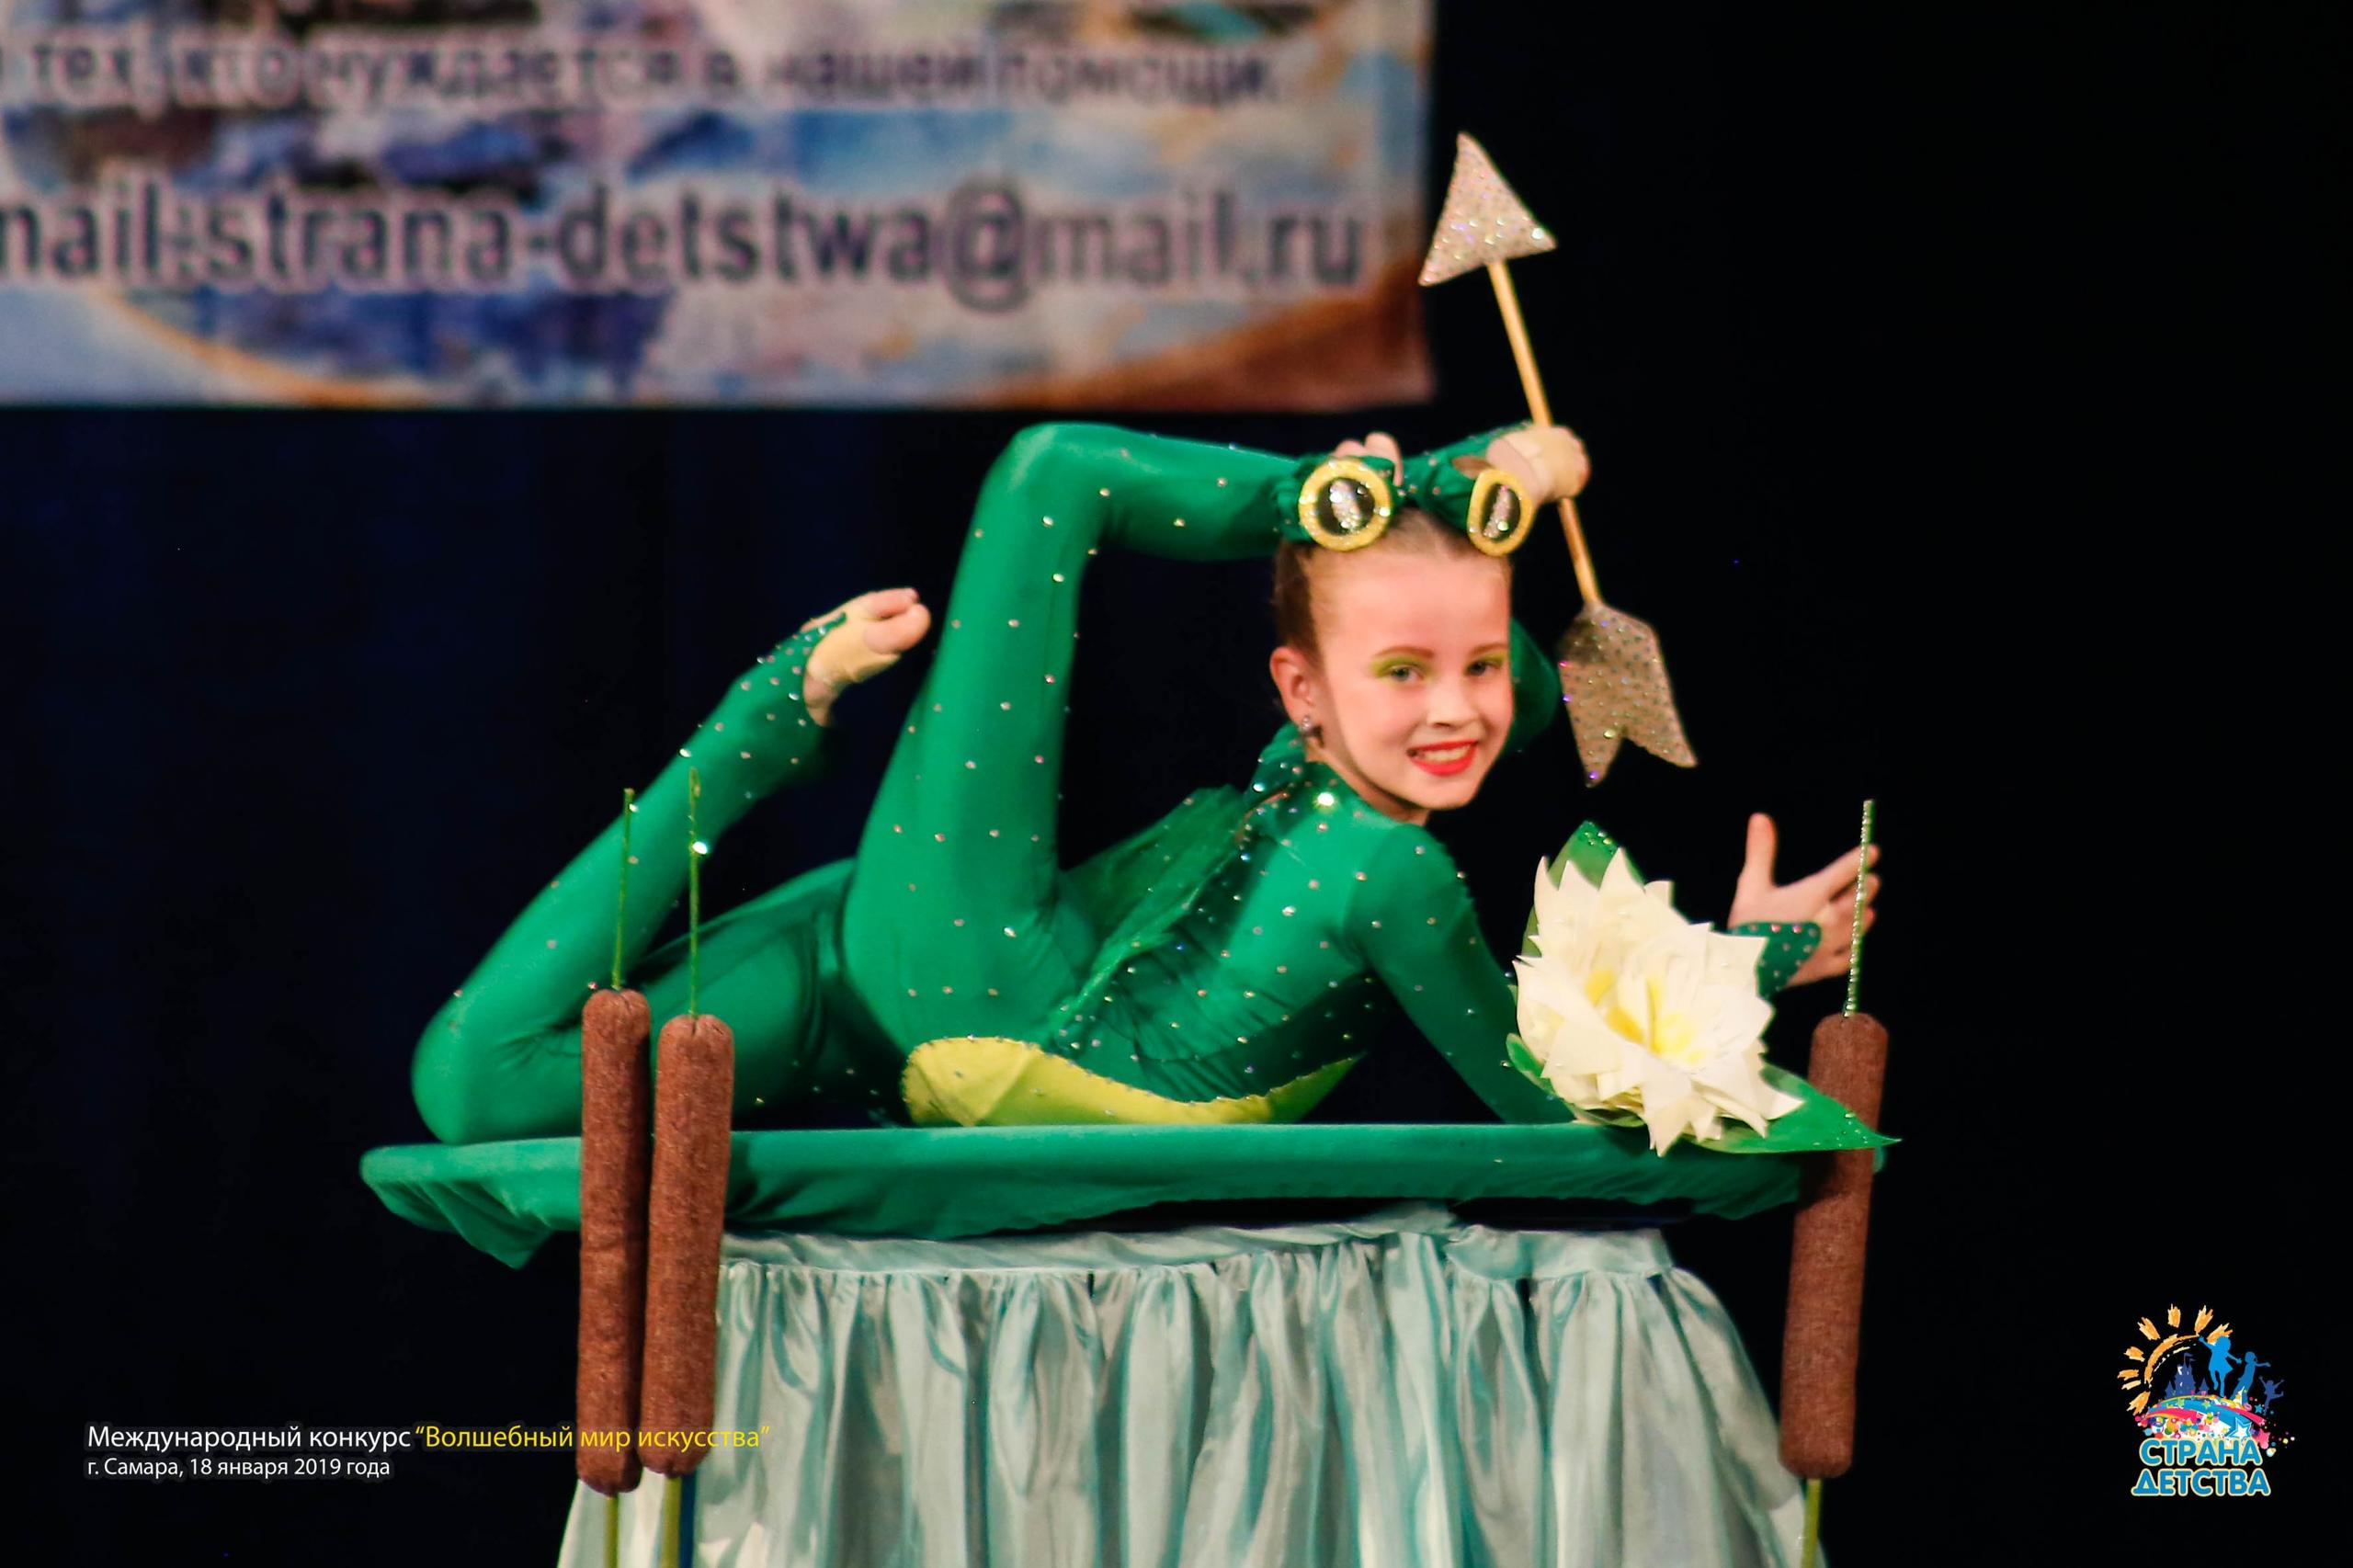 VI Международный фестиваль-конкурс детского, юношеского и взрослого творчества  «В МИРЕ ТАЛАНТОВ»